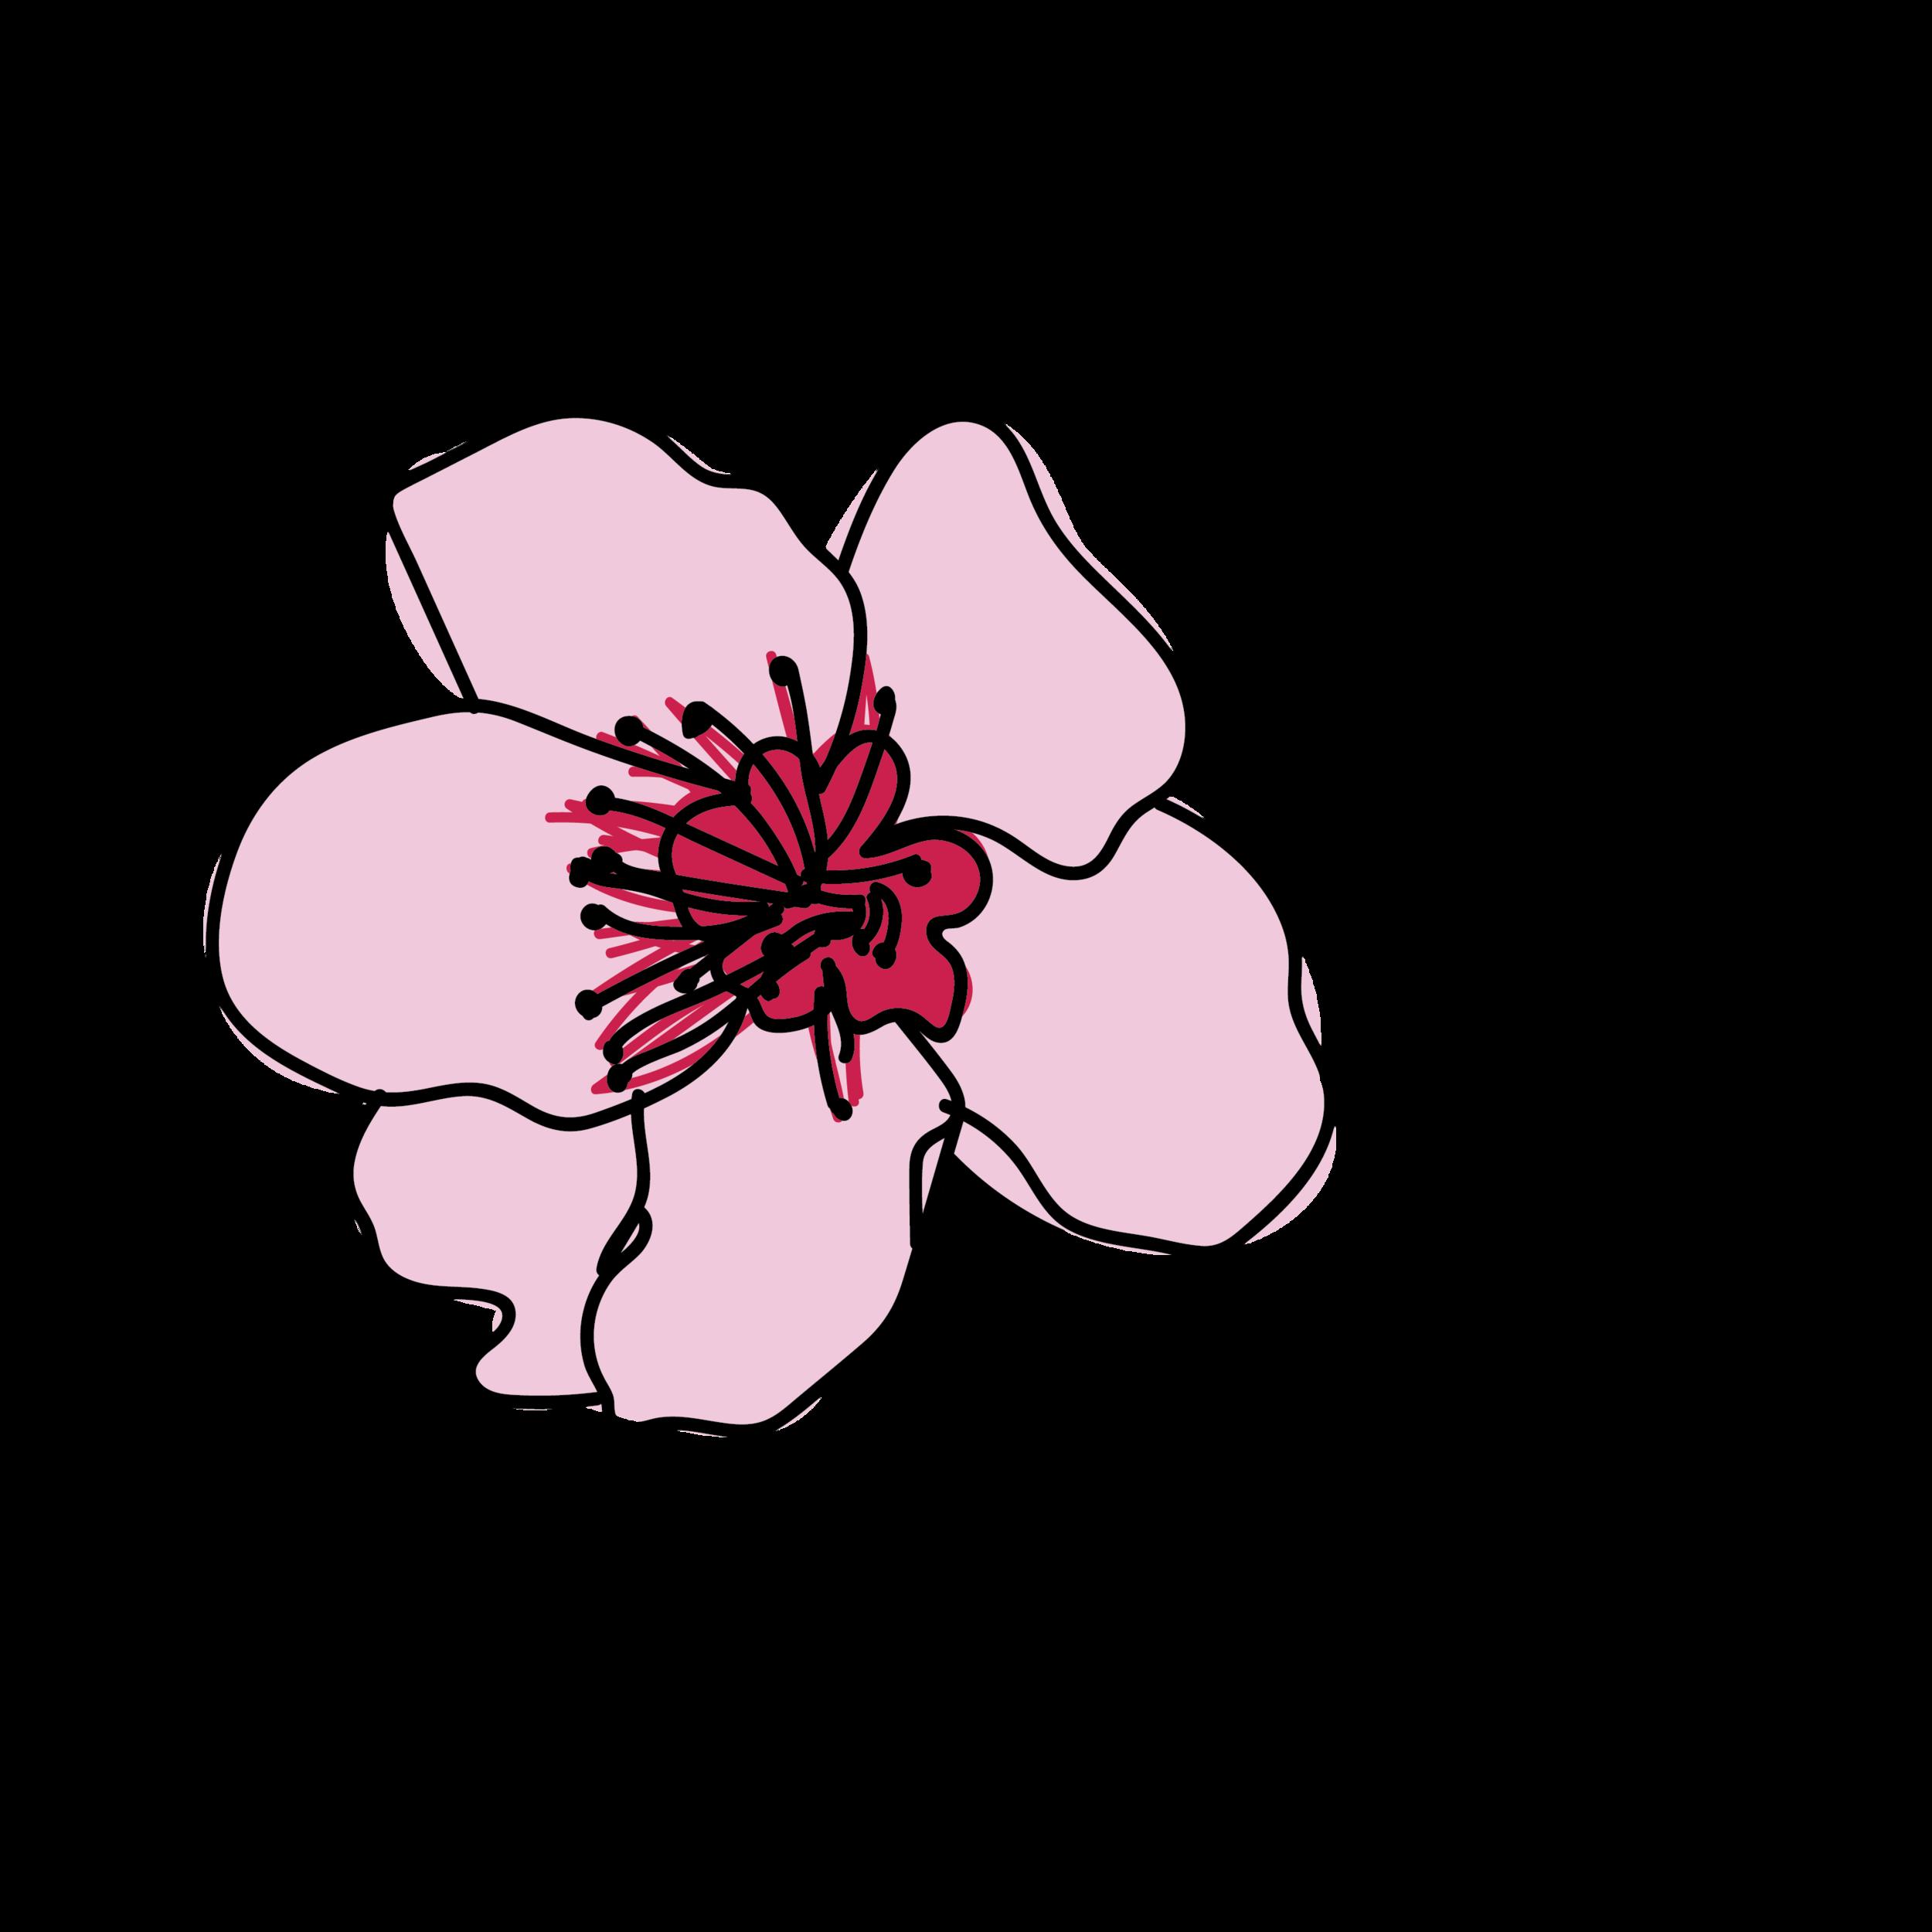 Nectarine-14.png